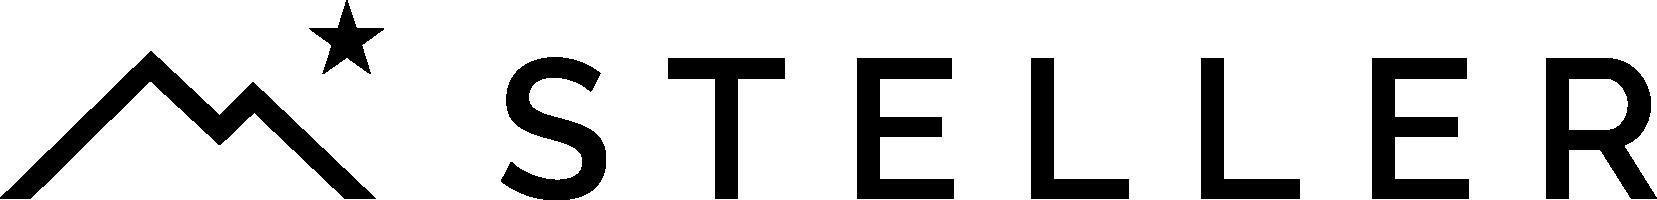 steller_logo_20140807